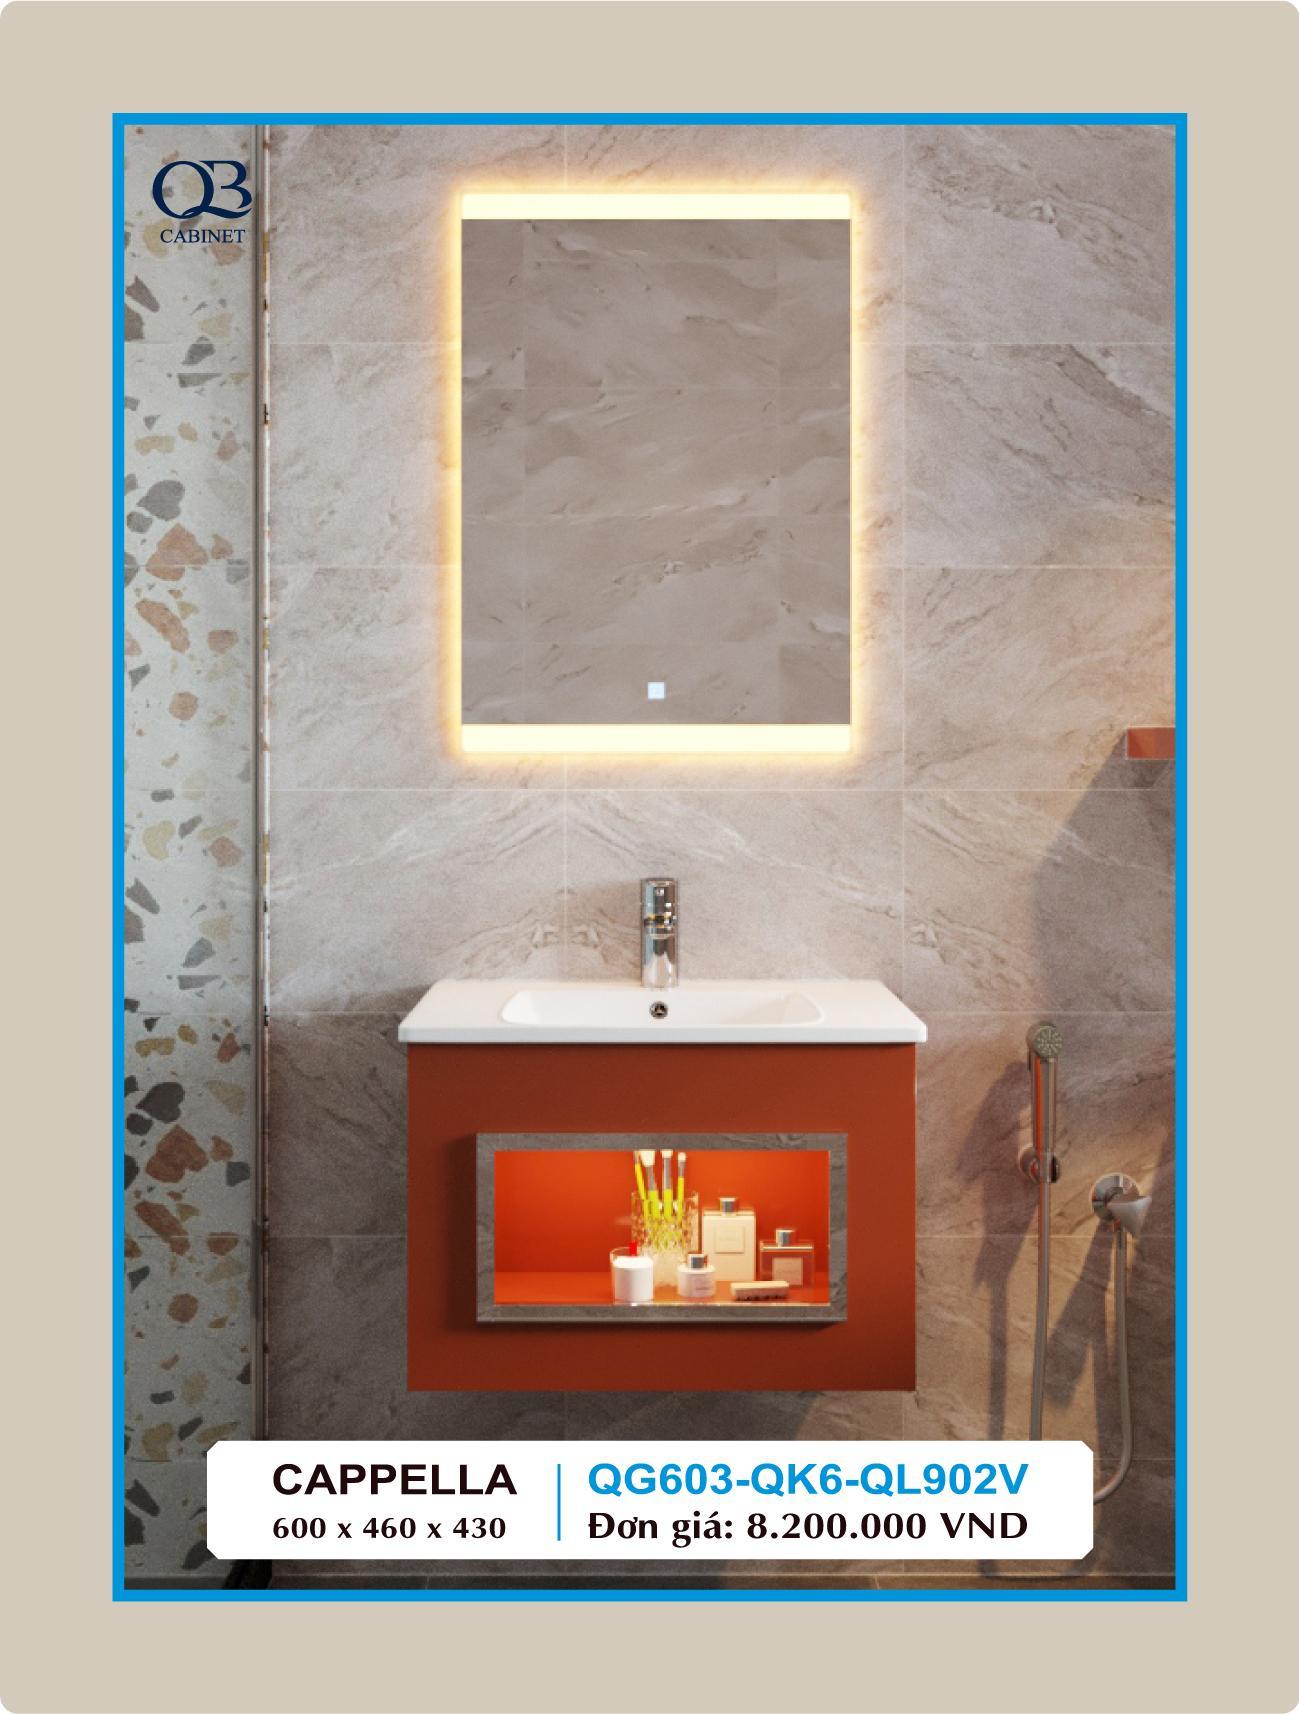 Tủ lavabo QB QG603-QK6-QL902V